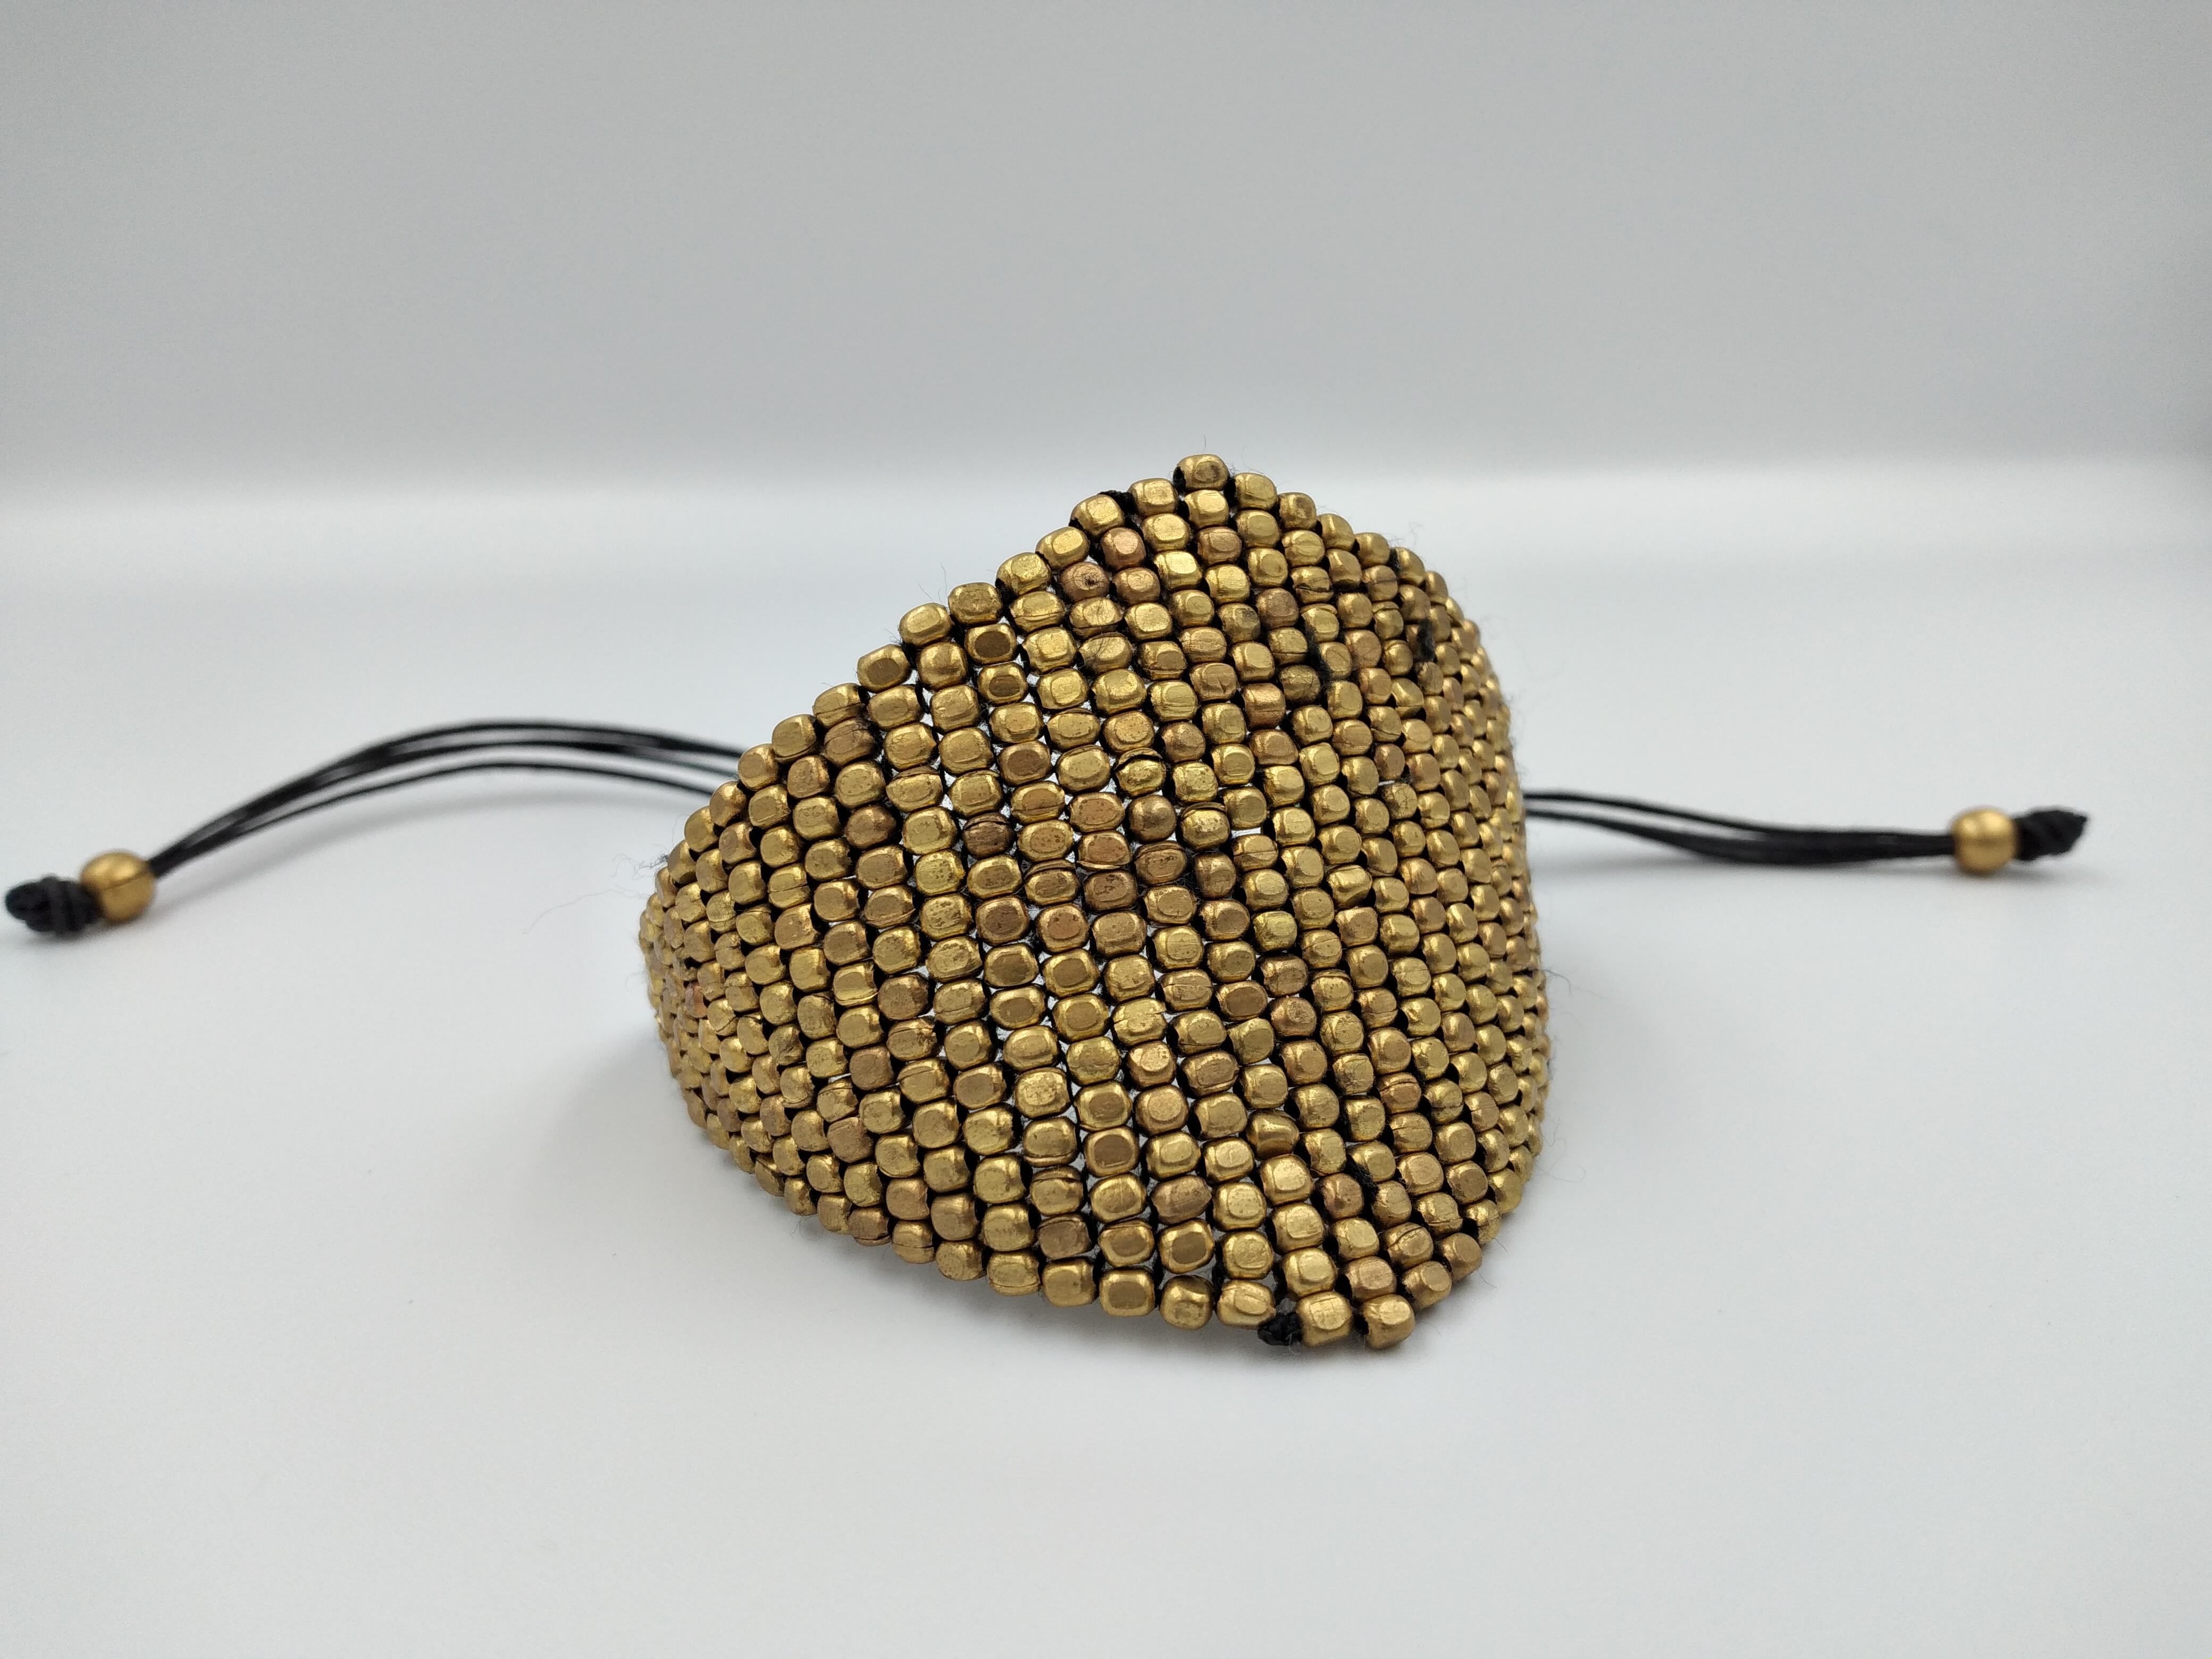 Βραχιόλι χειροποίητο χρυσό με χάντρες